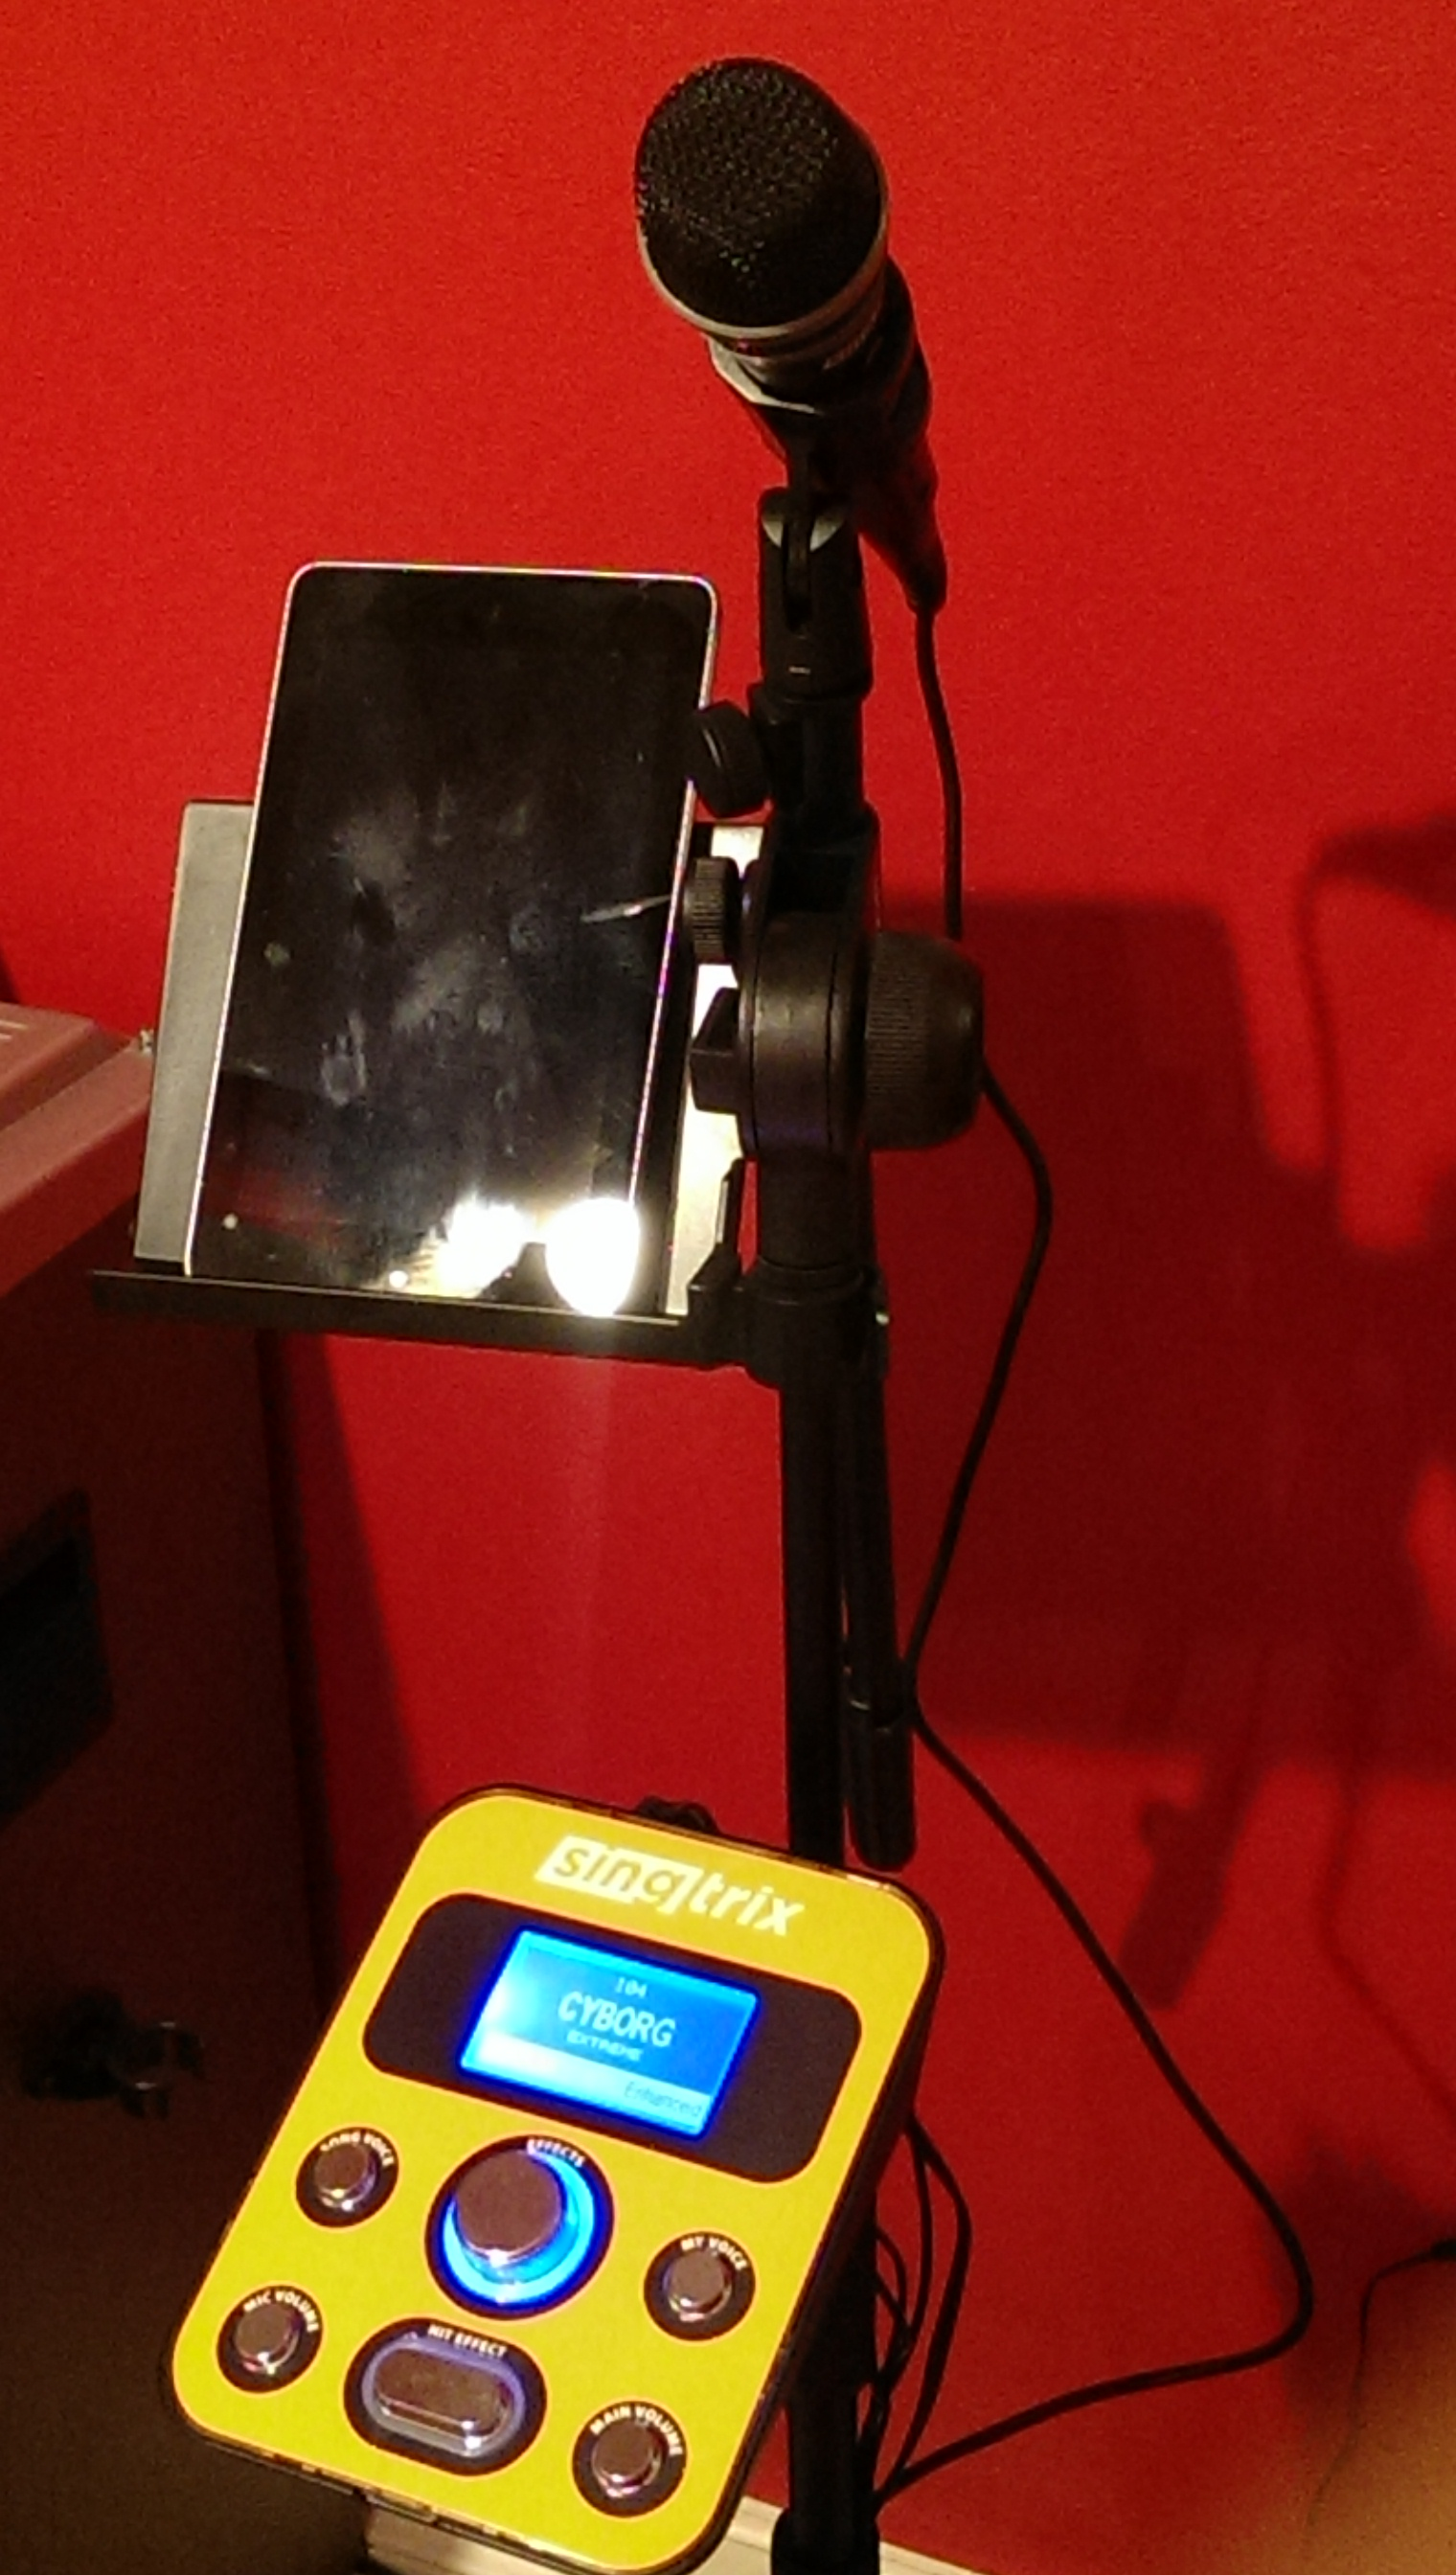 karaoke machine with autotune